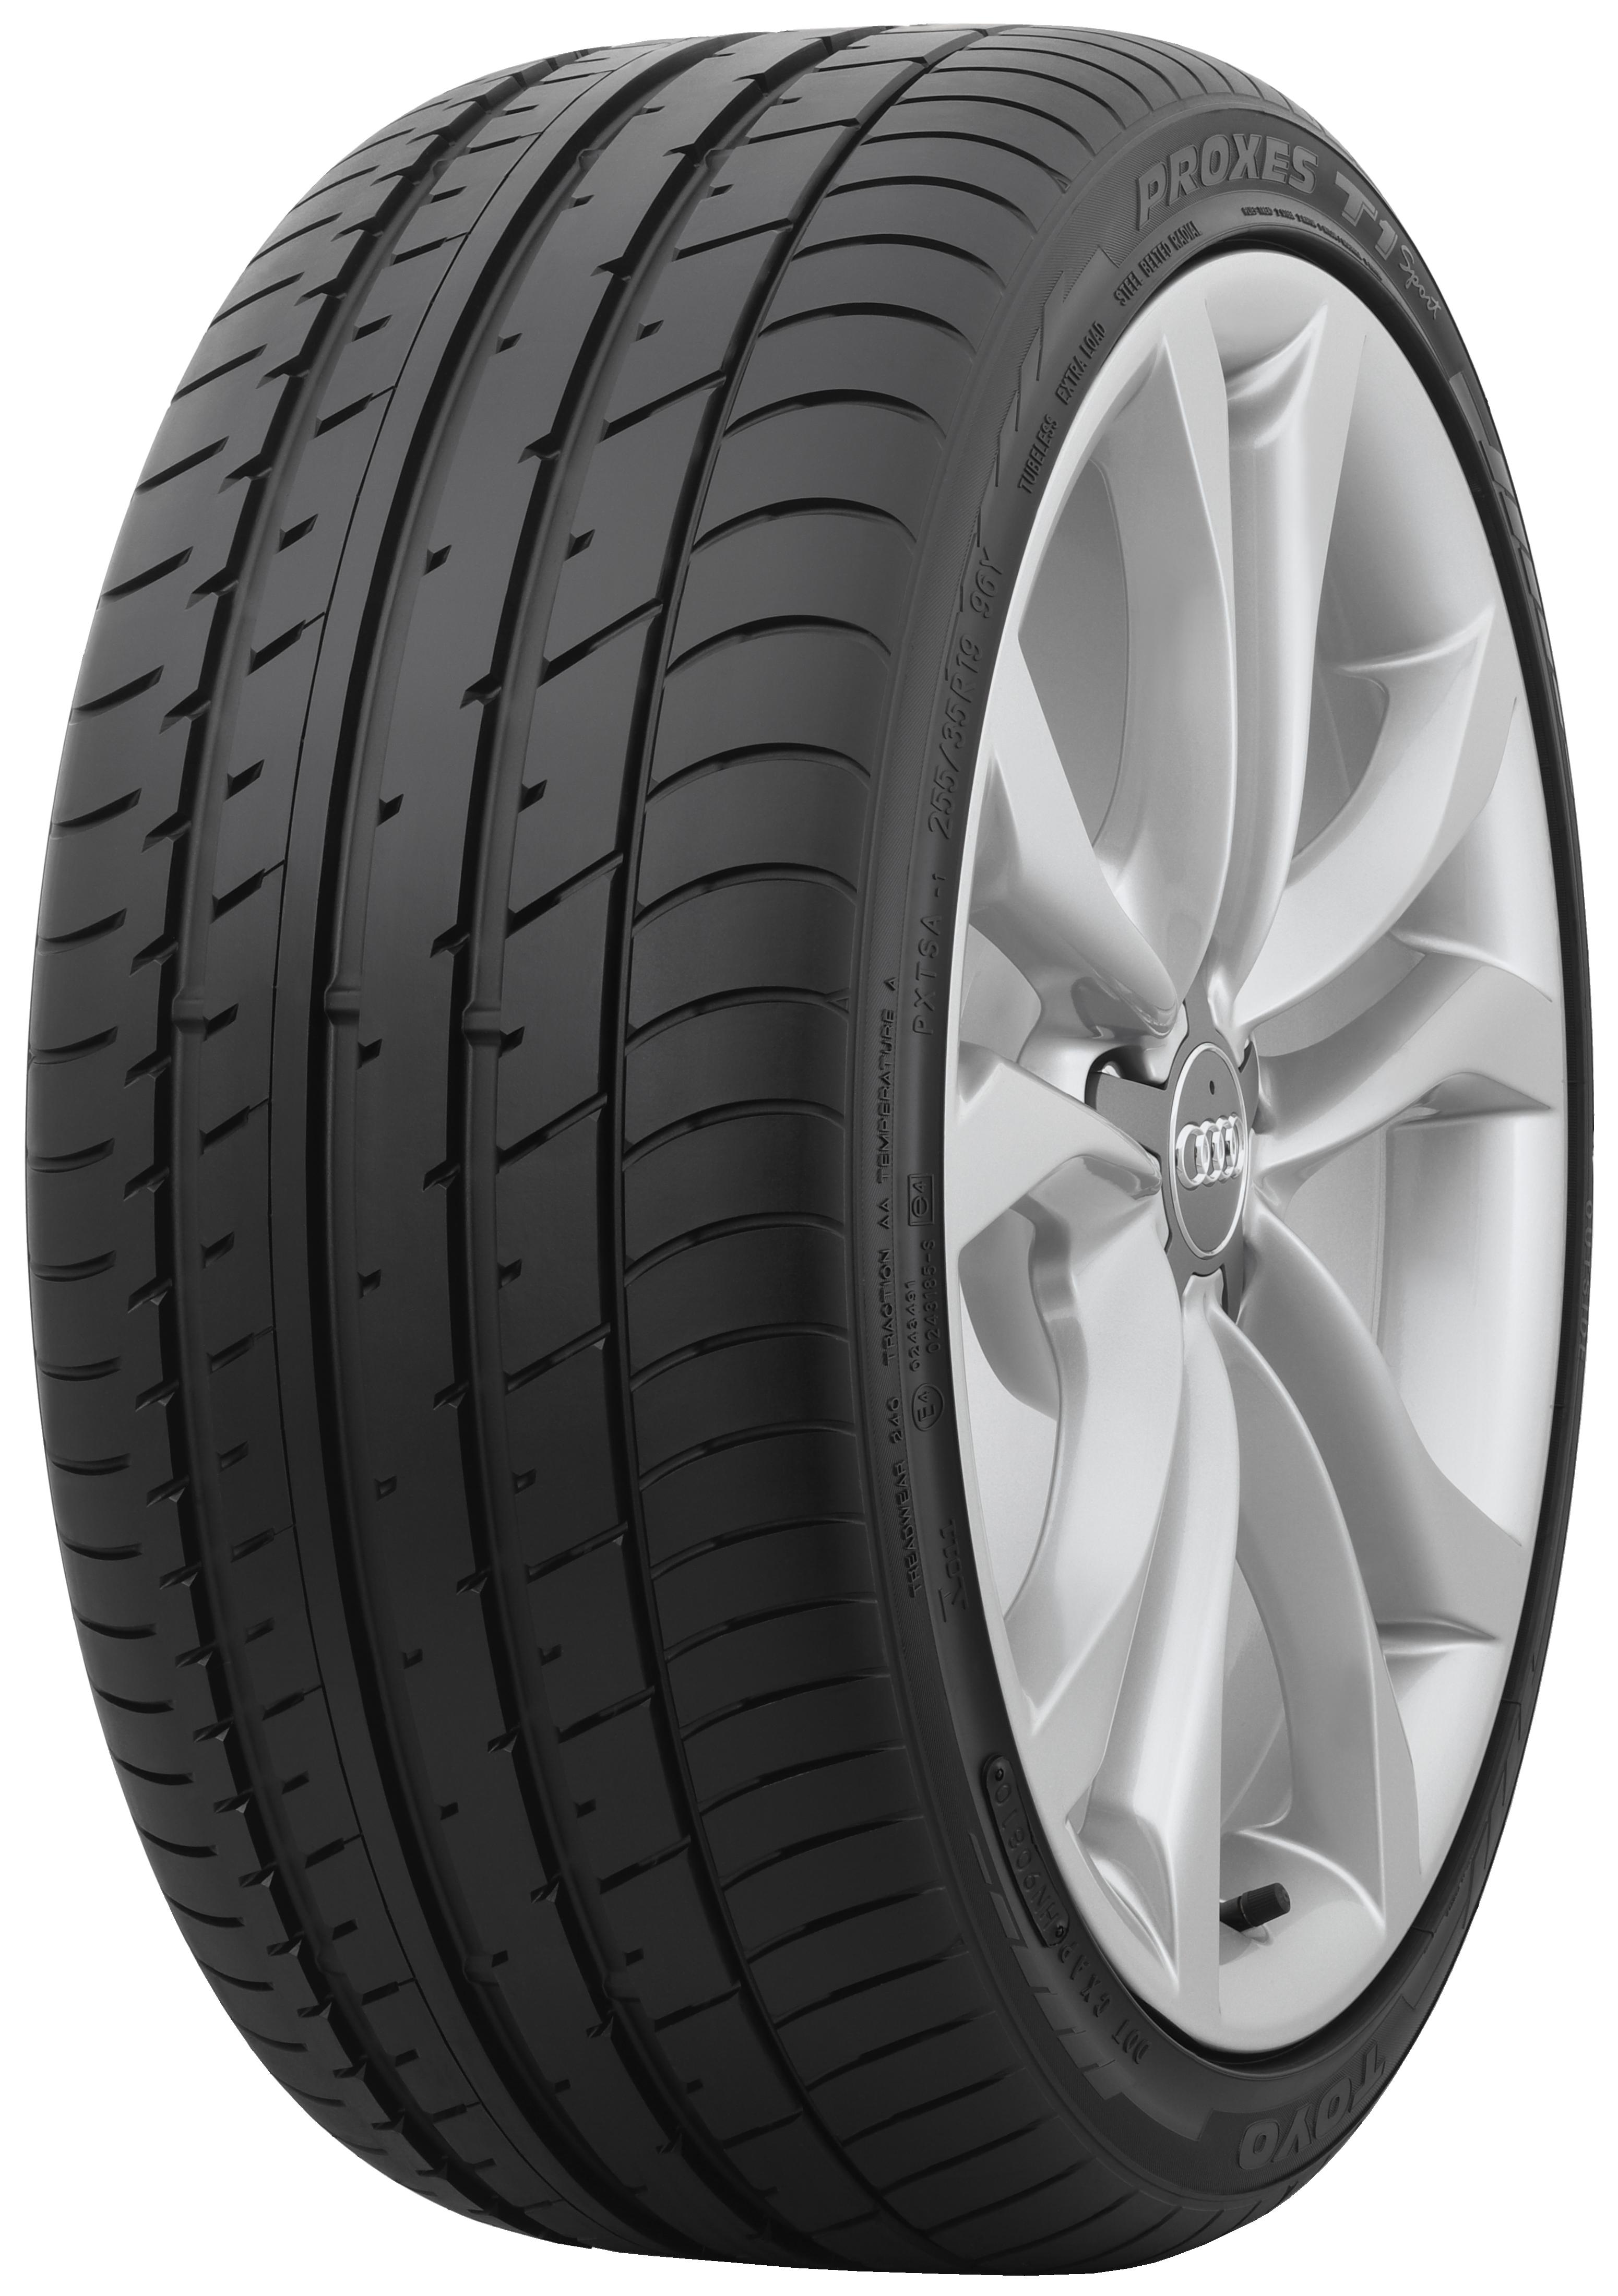 Toyo Proxes R888 >> Press | Toyo Tires | Press | Toyo Tires